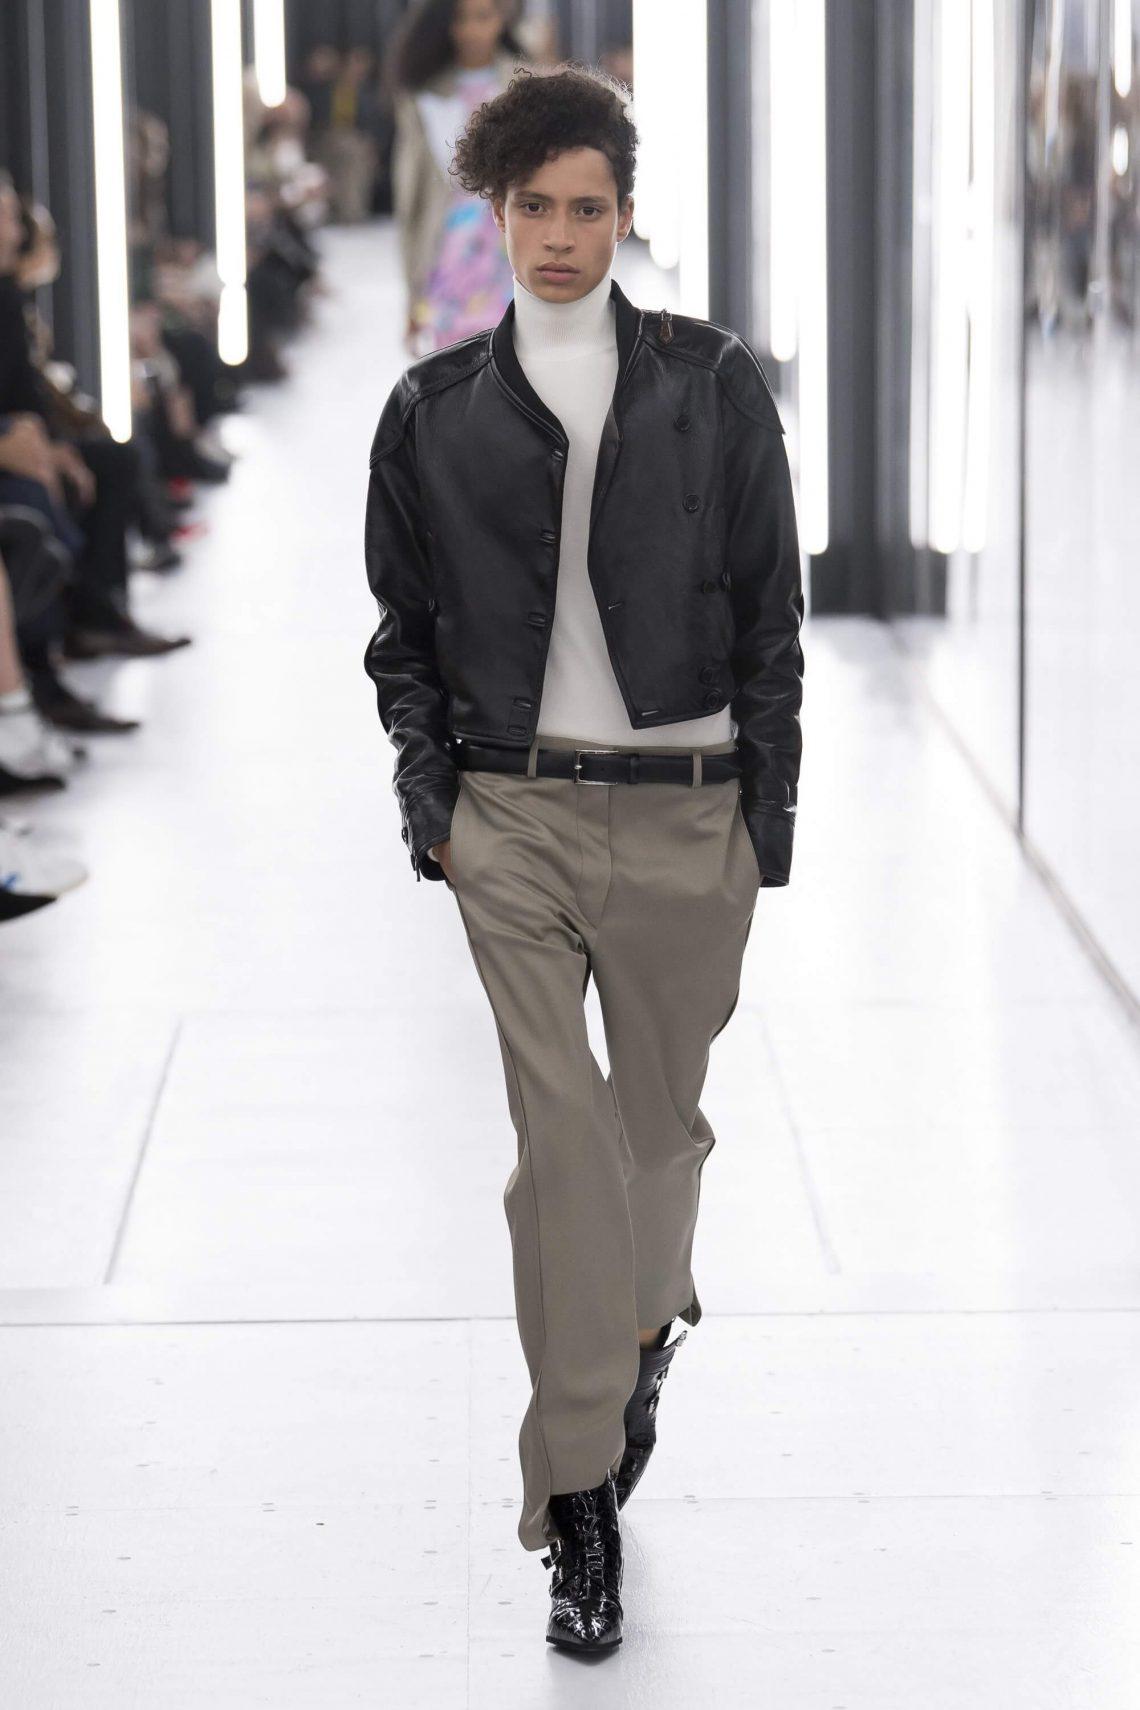 Genderless Fashion Mintsquare Nicolas Ghesquière for Louis Vuitton, Spring-Summer 2019